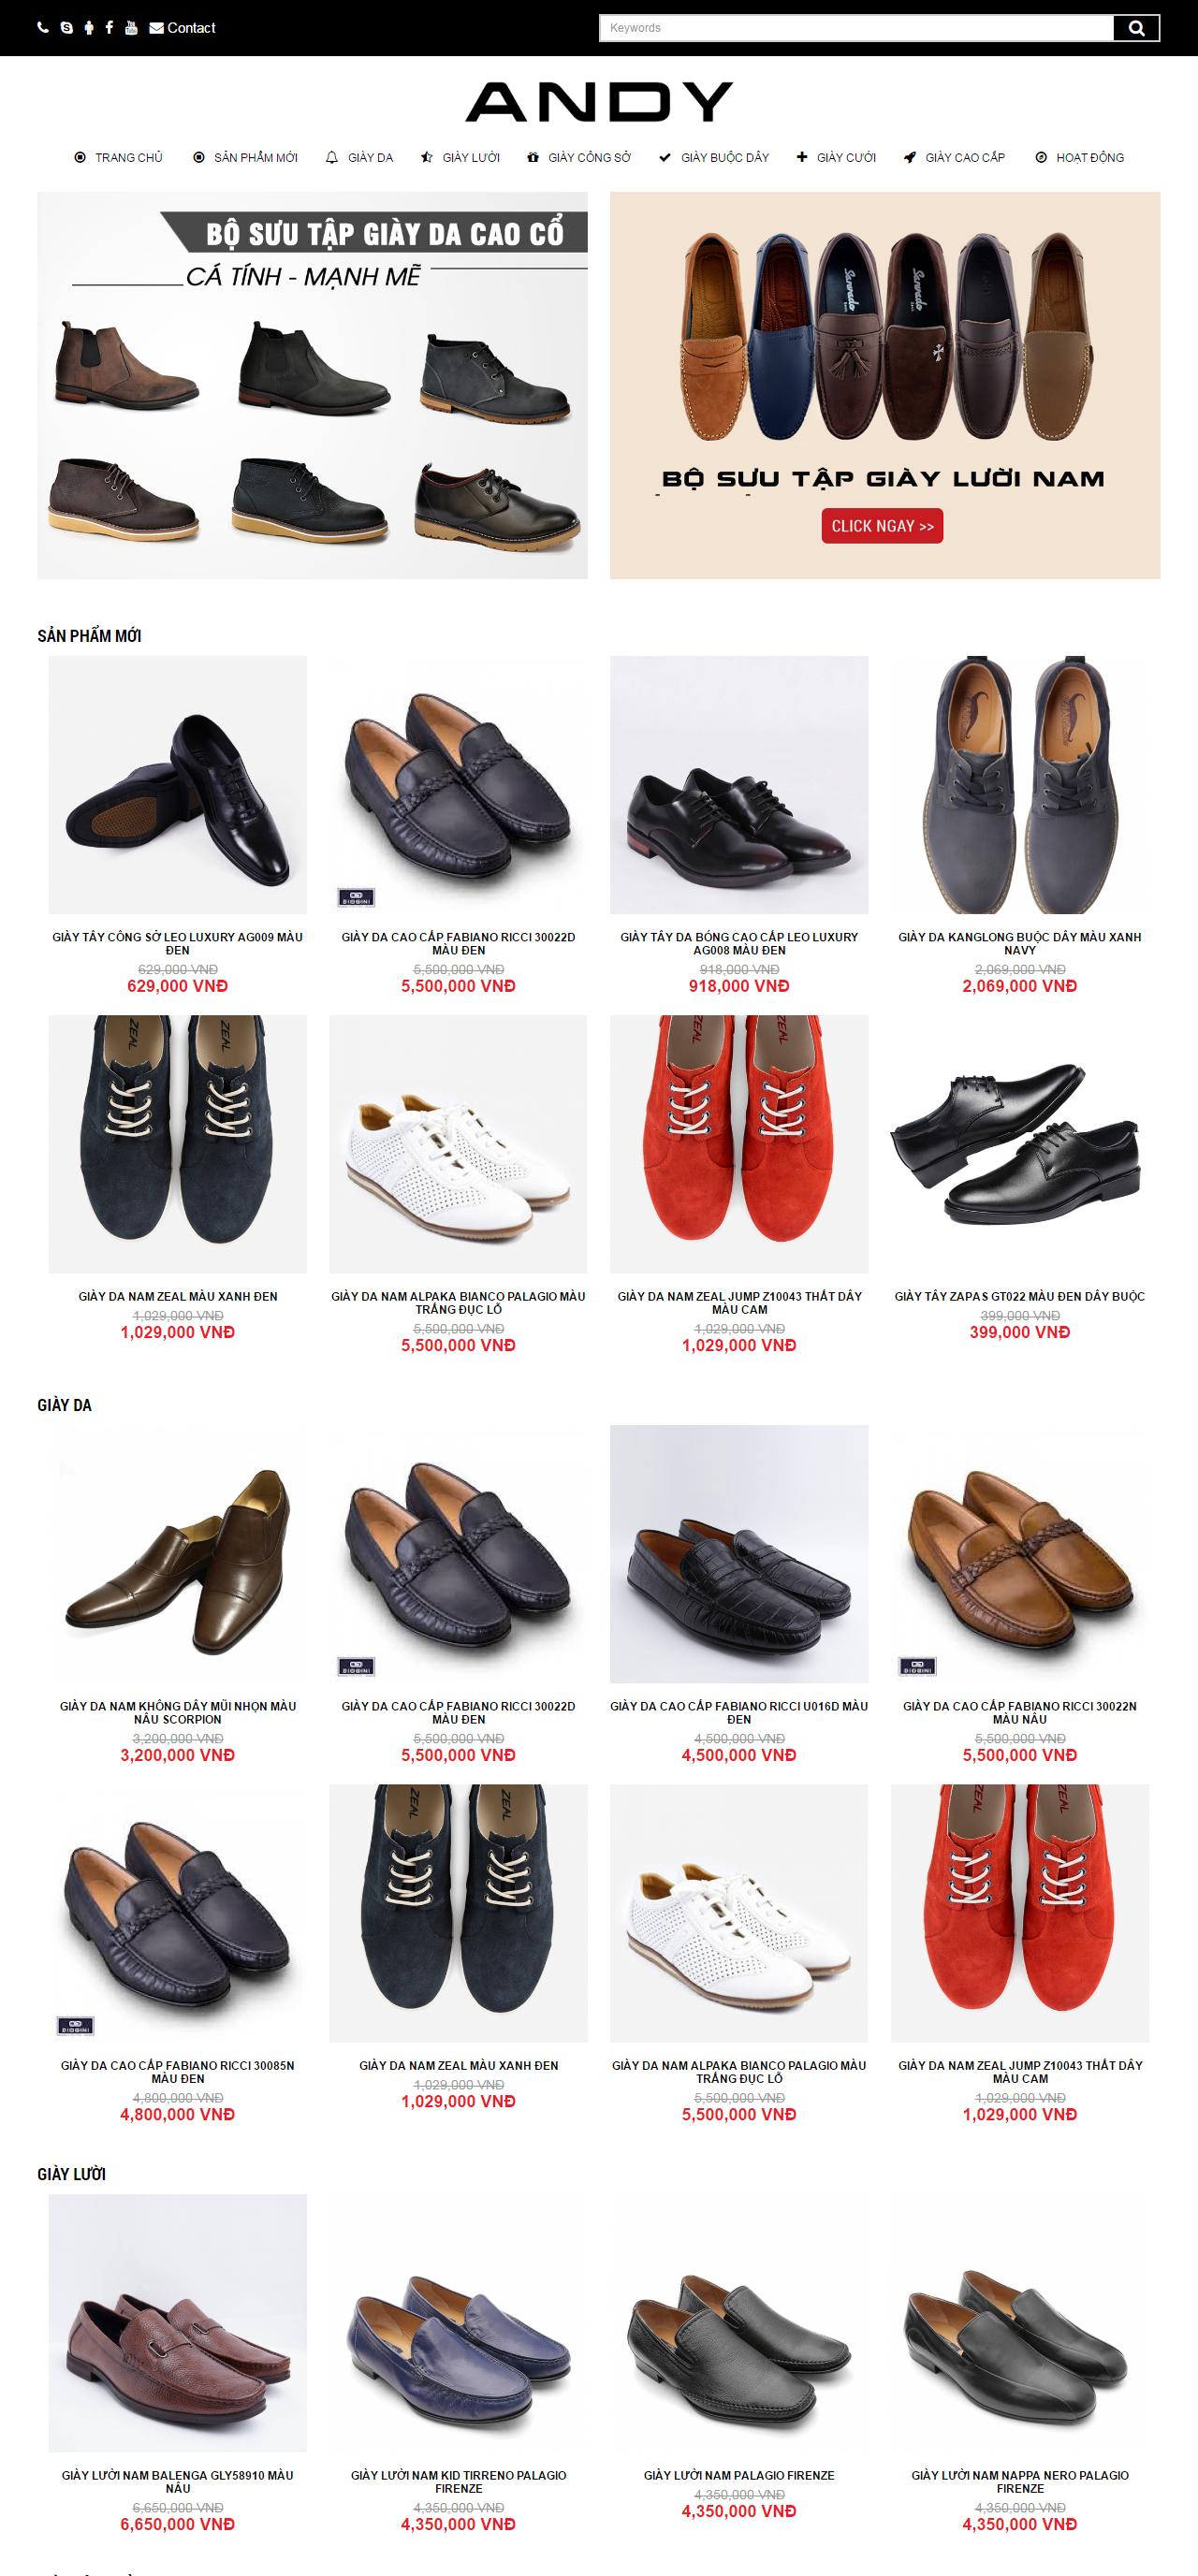 Thiết kế web giá rẻ bán giày dép